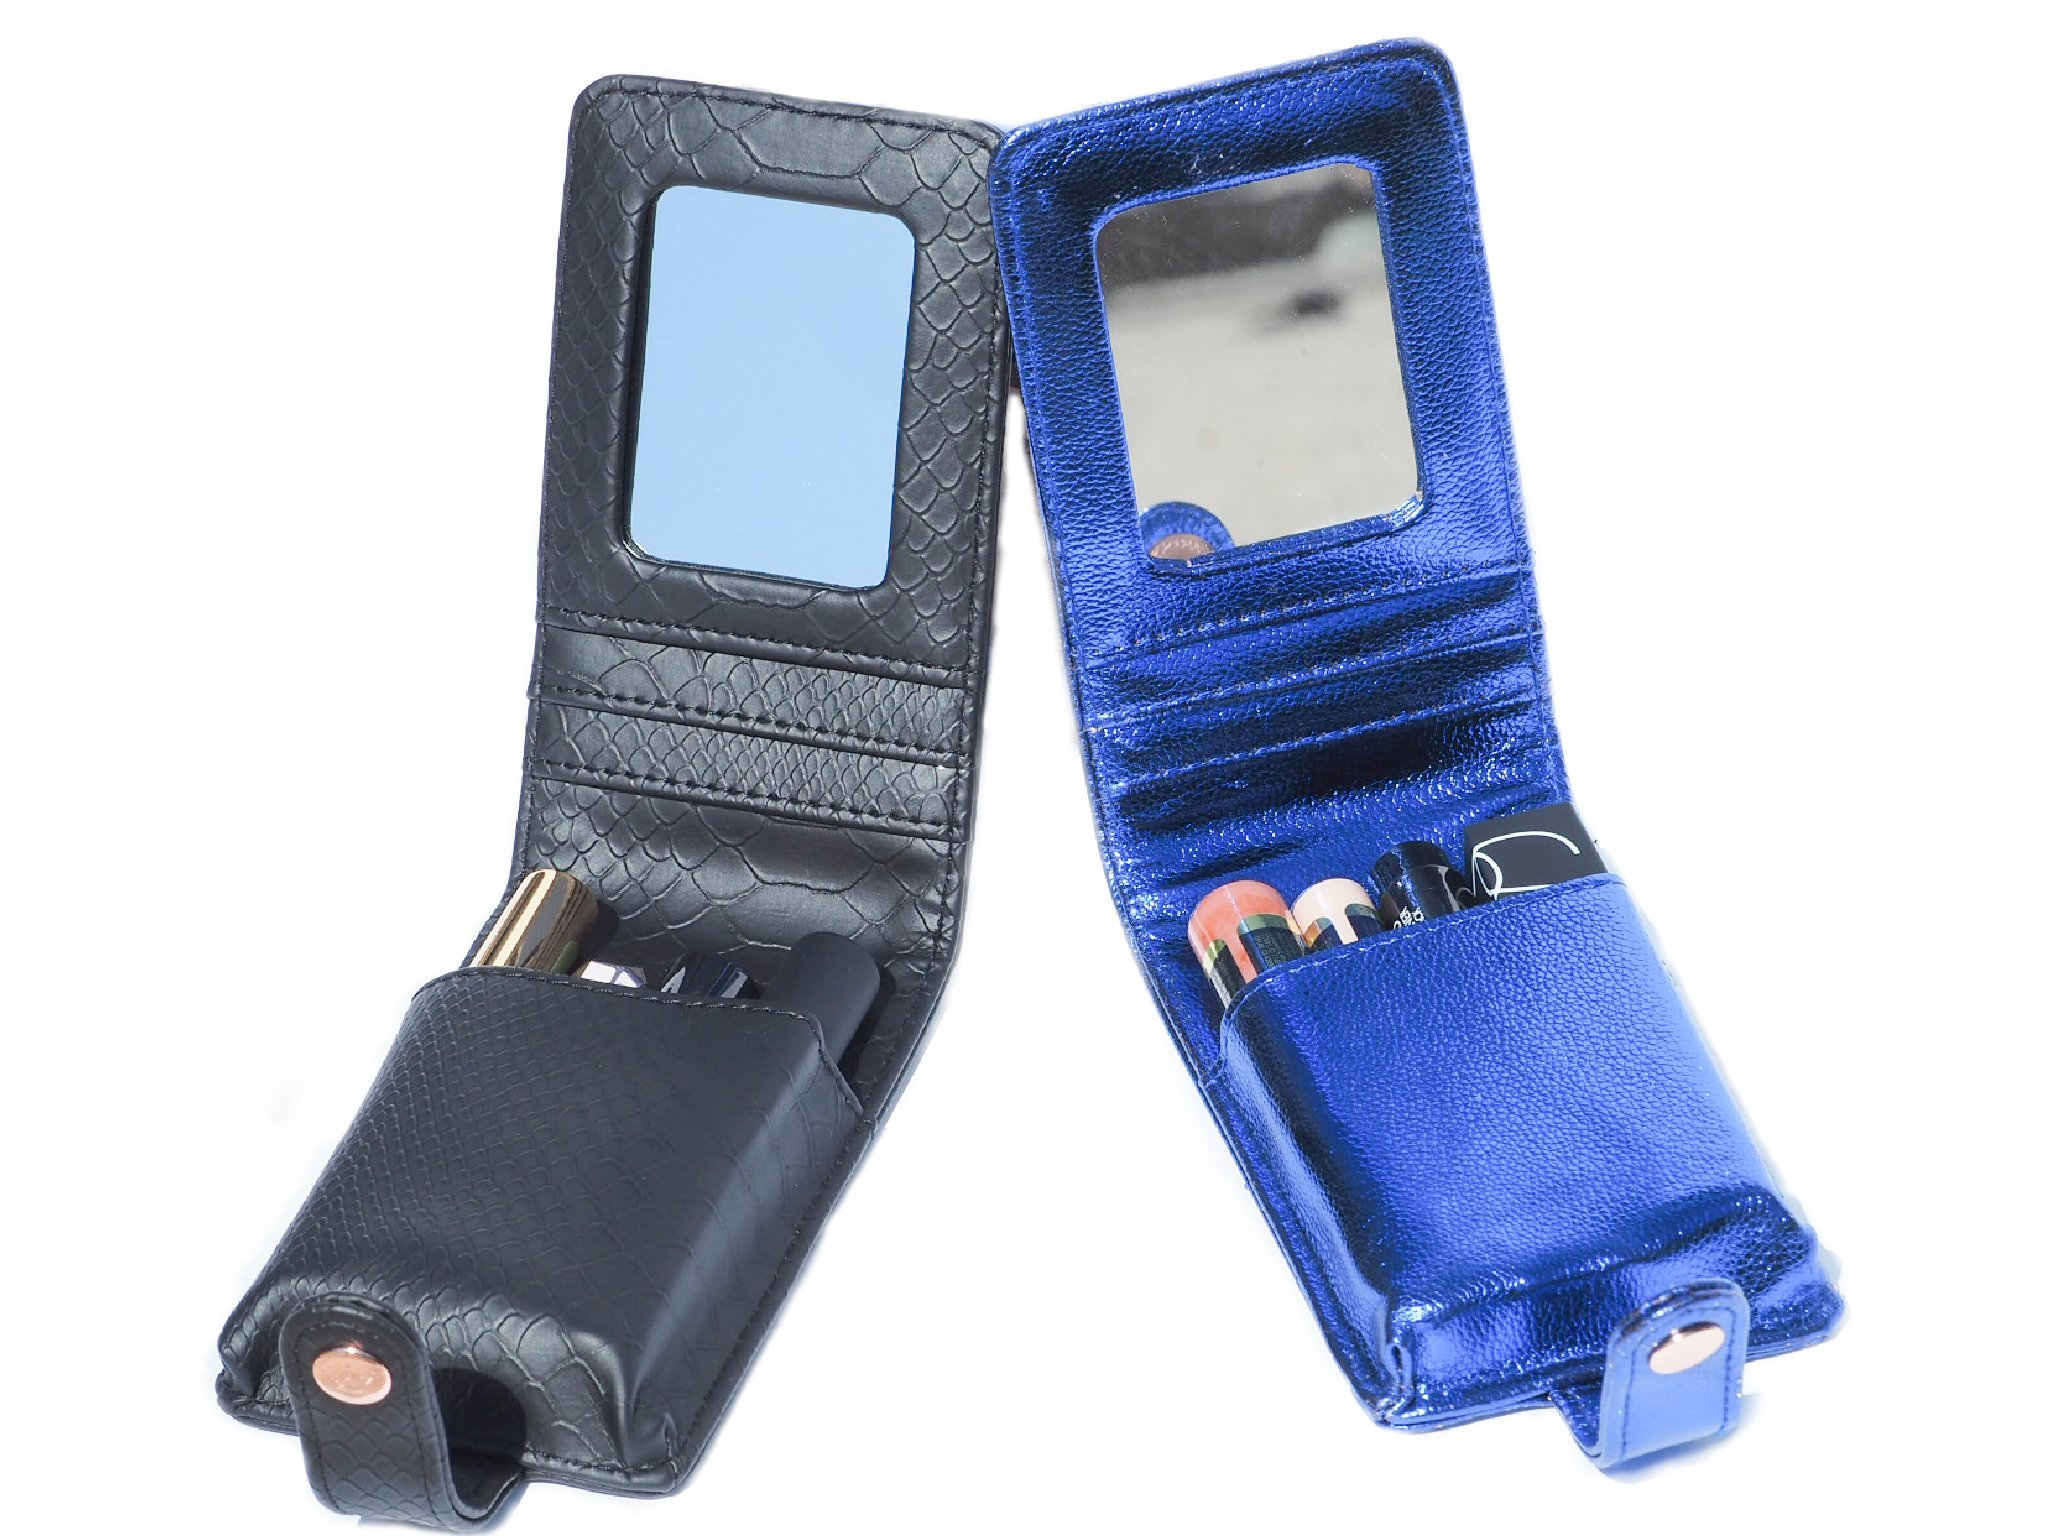 L.A.M.B.S Black Snake Print/ Blue LipSense Case/Wallet